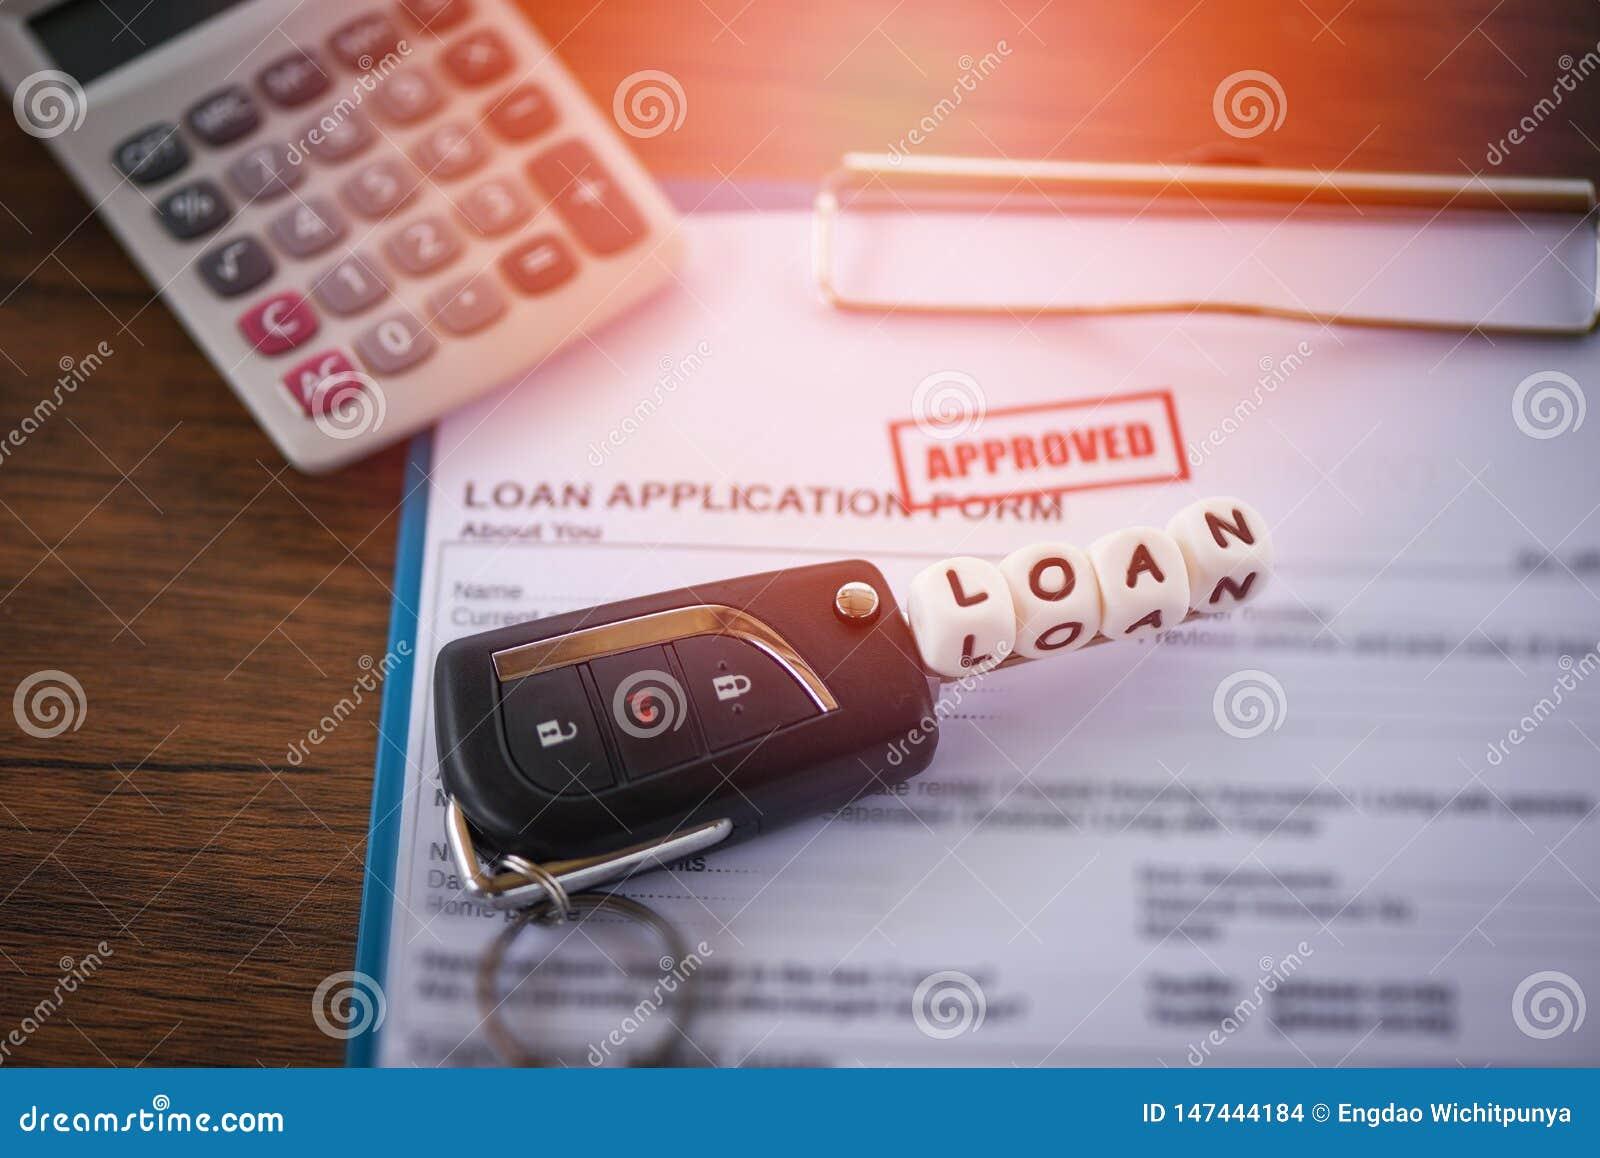 Где в т кредит